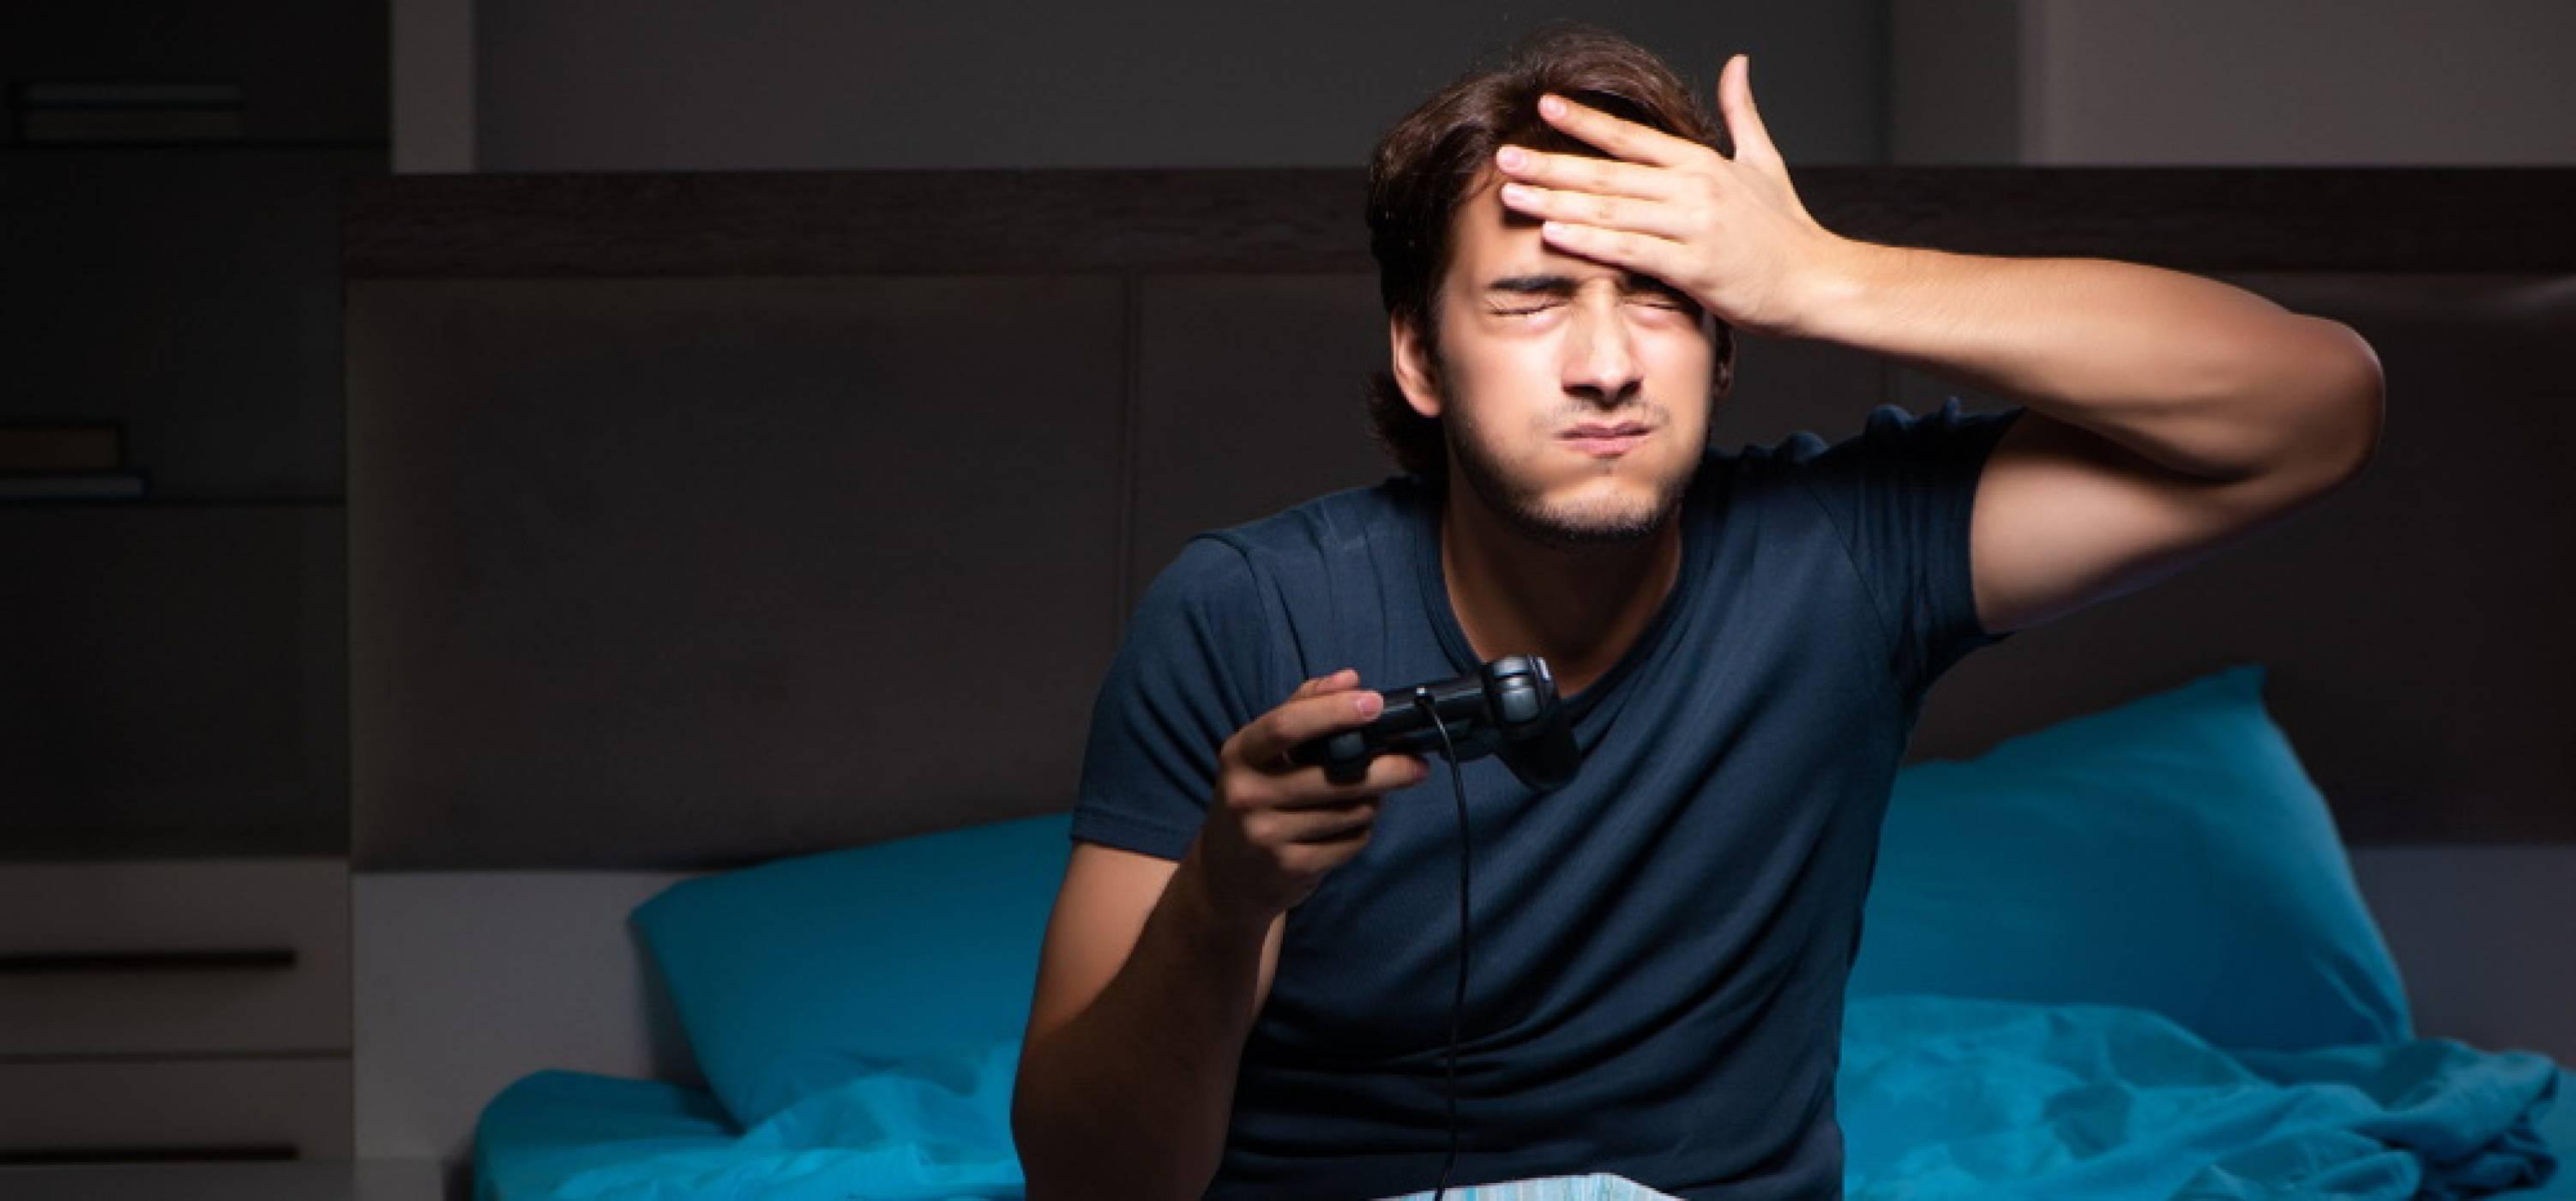 Топ 3 на най големите глупости, с които геймърите трябва да престанат. И ТО ВЕДНАГА!